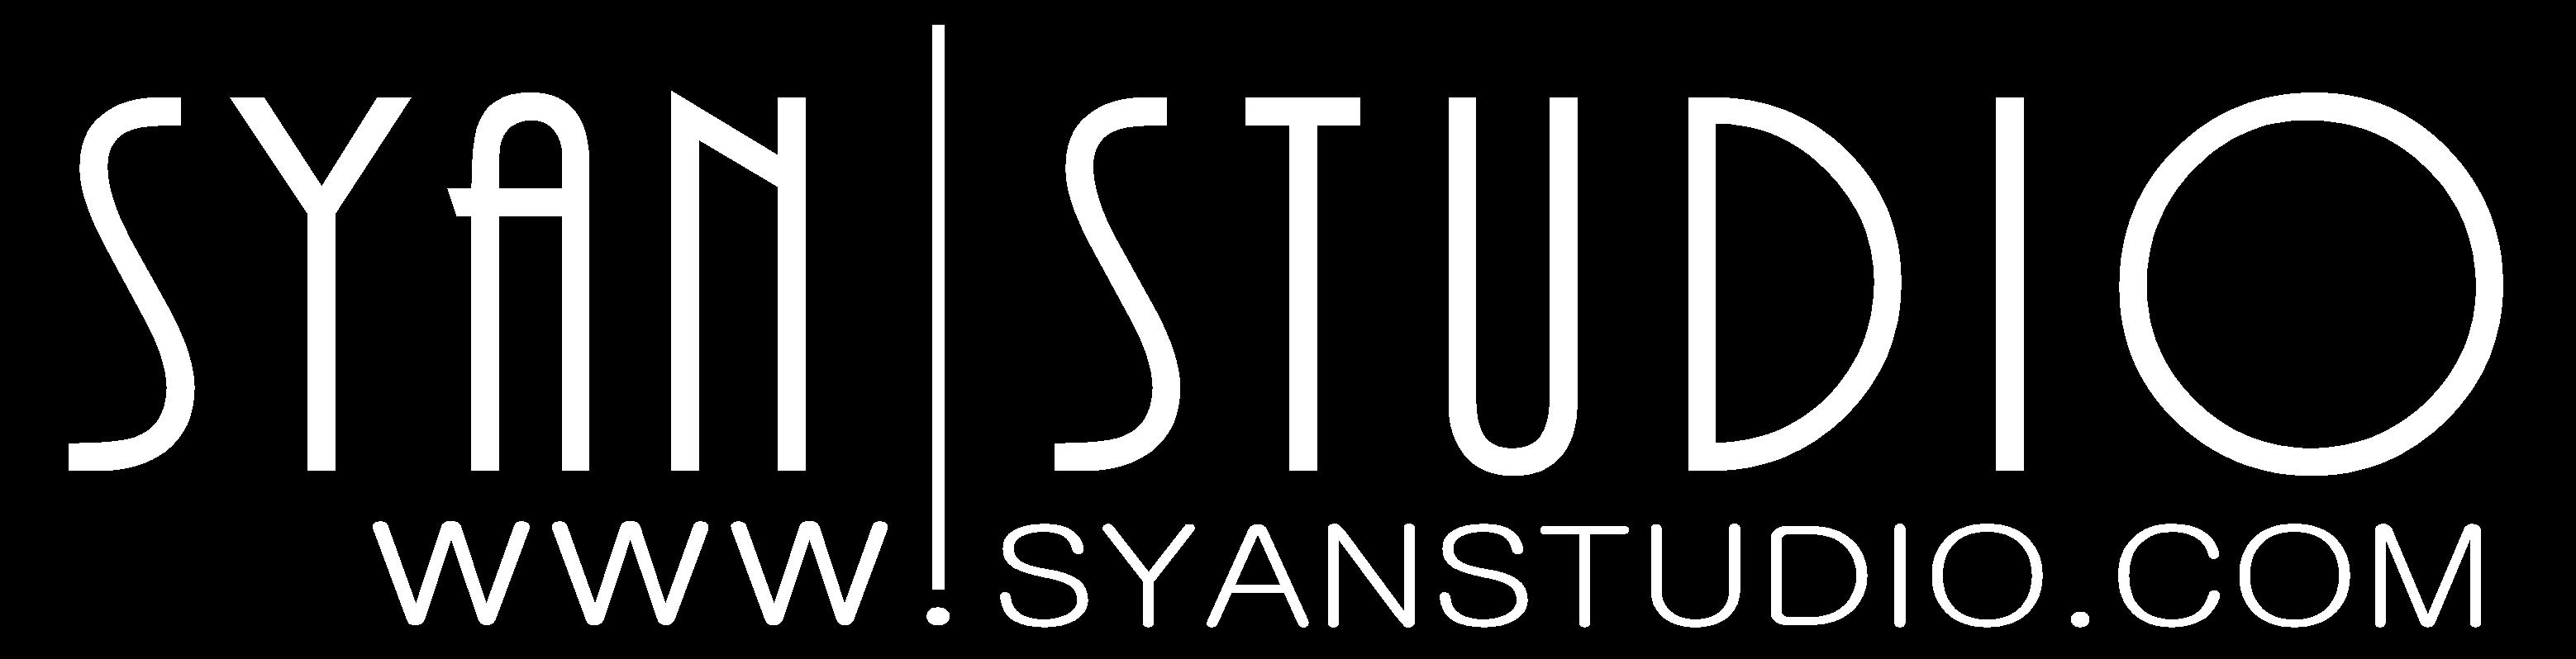 syanstudio.com